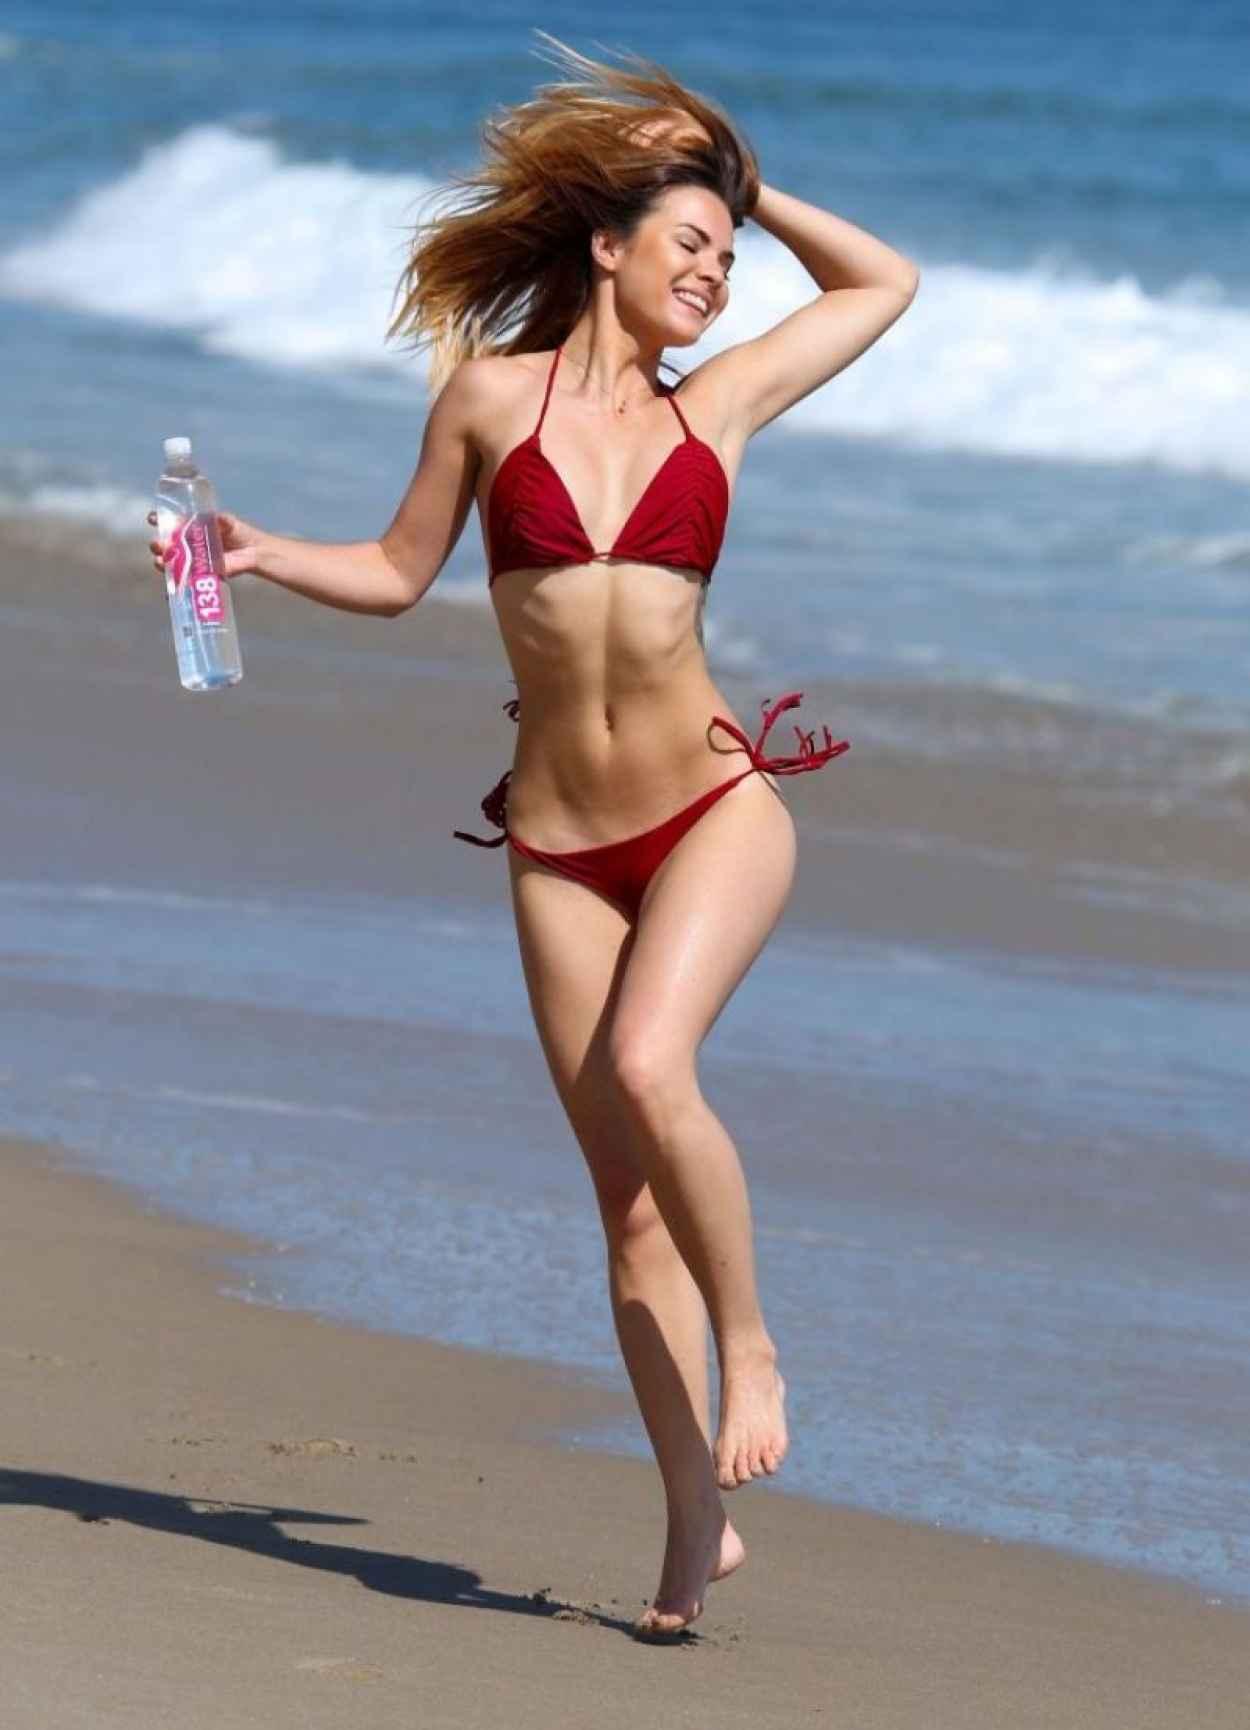 Kaili Thorne in a Red BIkini - 138 Water Photoshoot in Malibu, June 2015-3